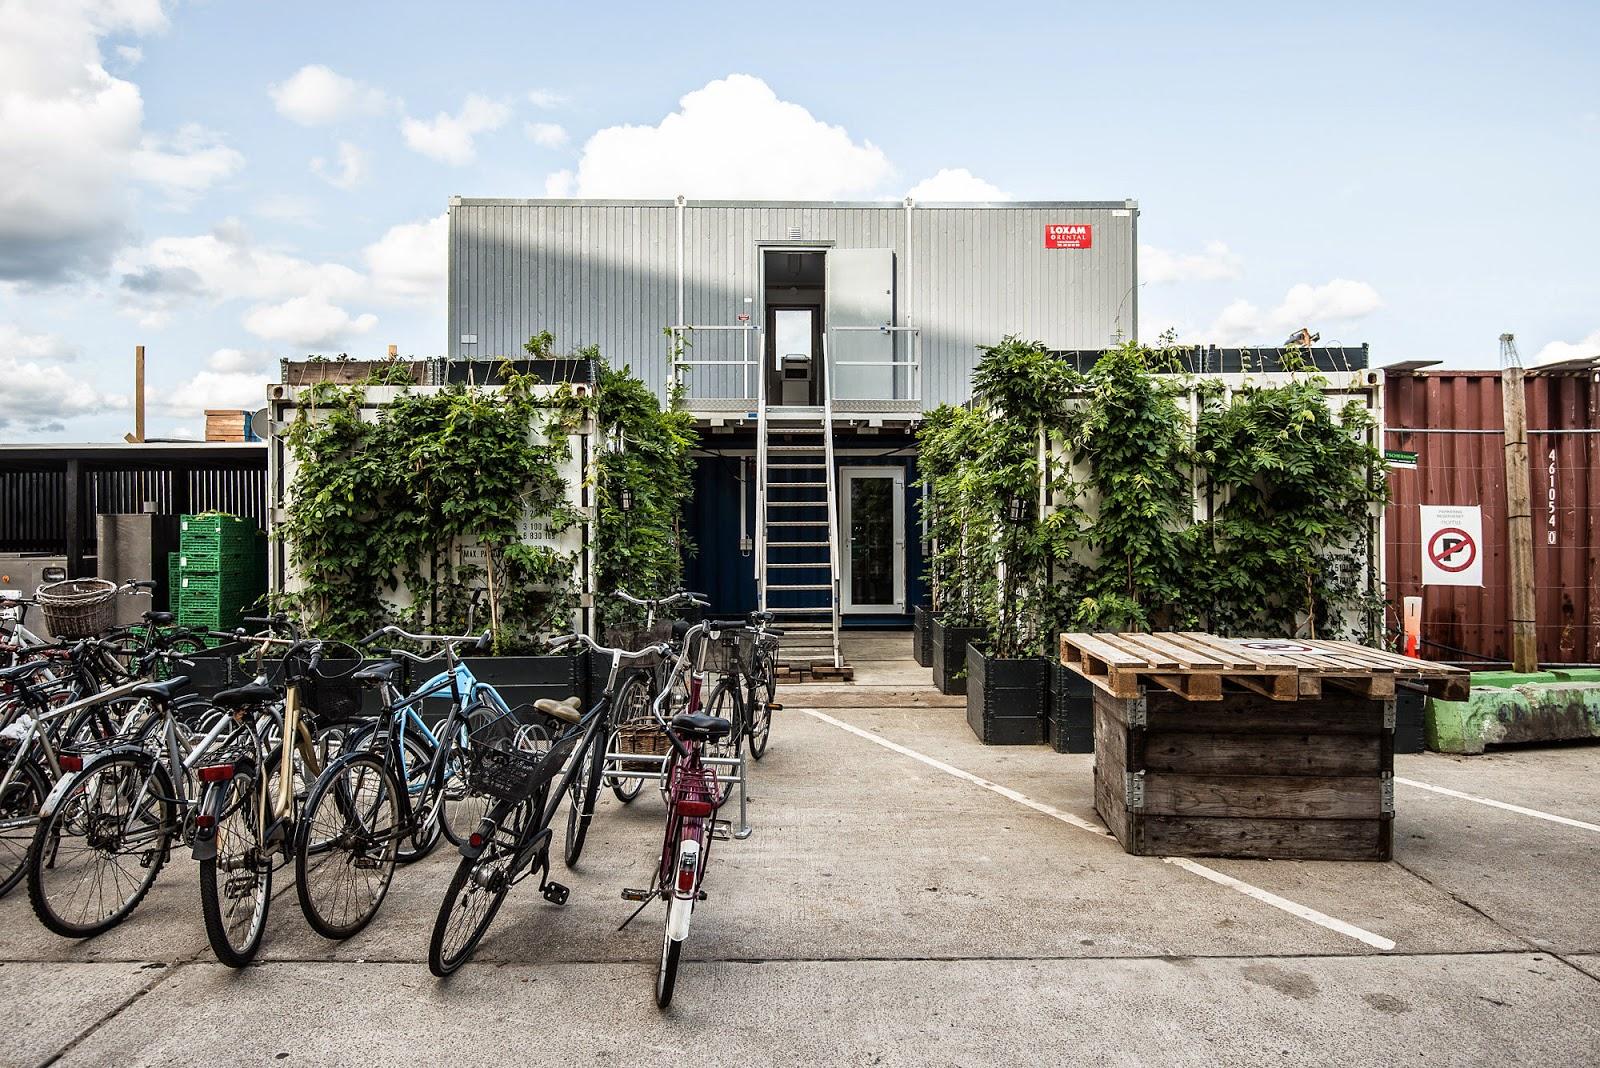 【飲食新聞】來看看Noma的全新廚藝研究中心:科學碉堡(Science Bunker)